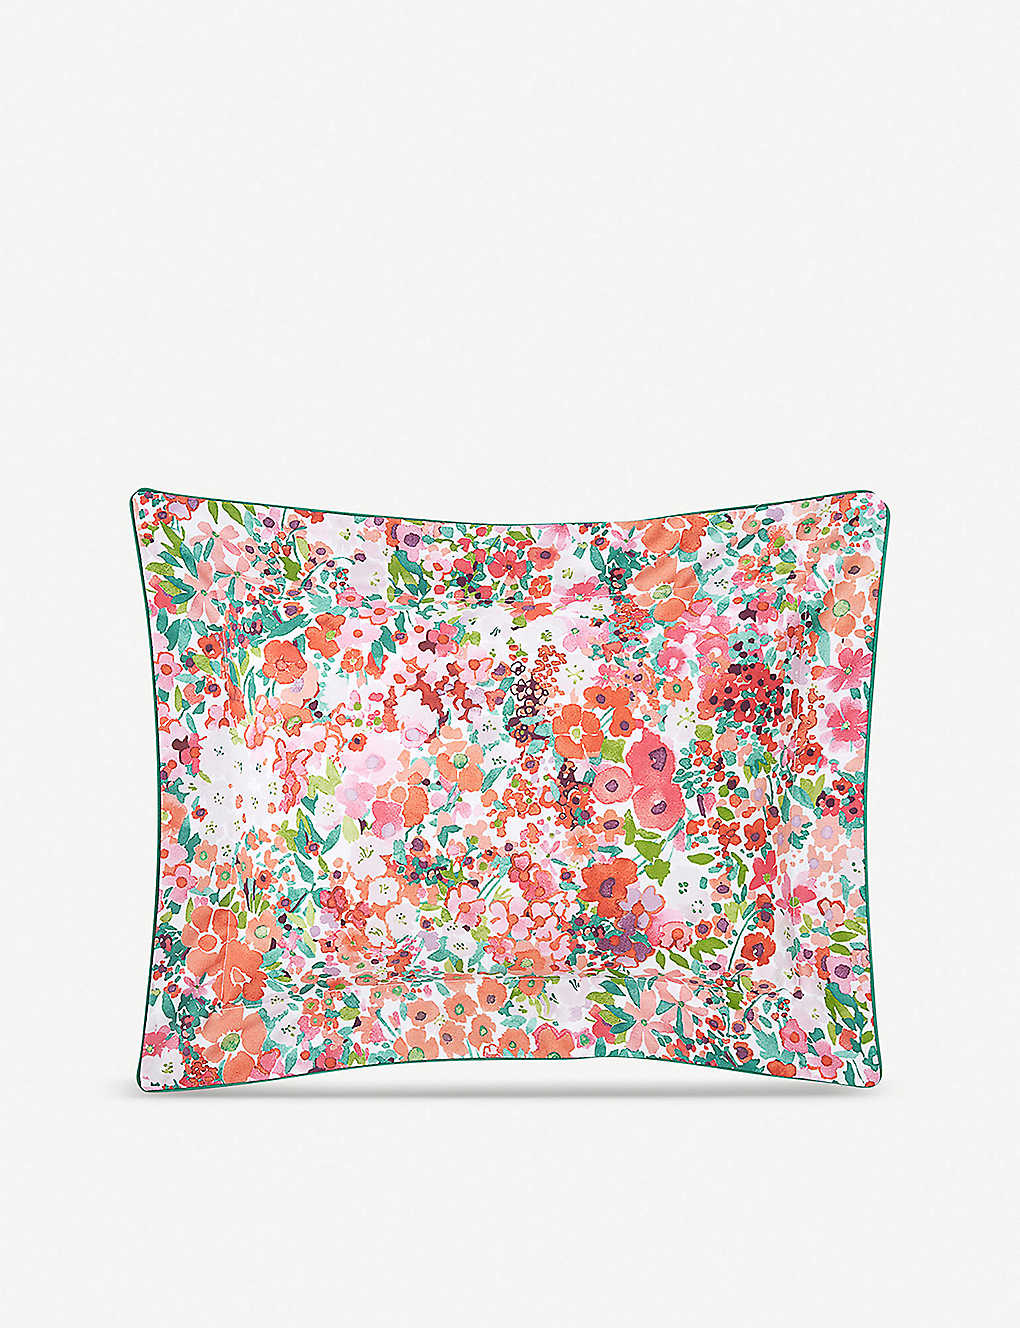 YVES DELORME - Millefiori sham pillowcase 30x40cm  06e704bab